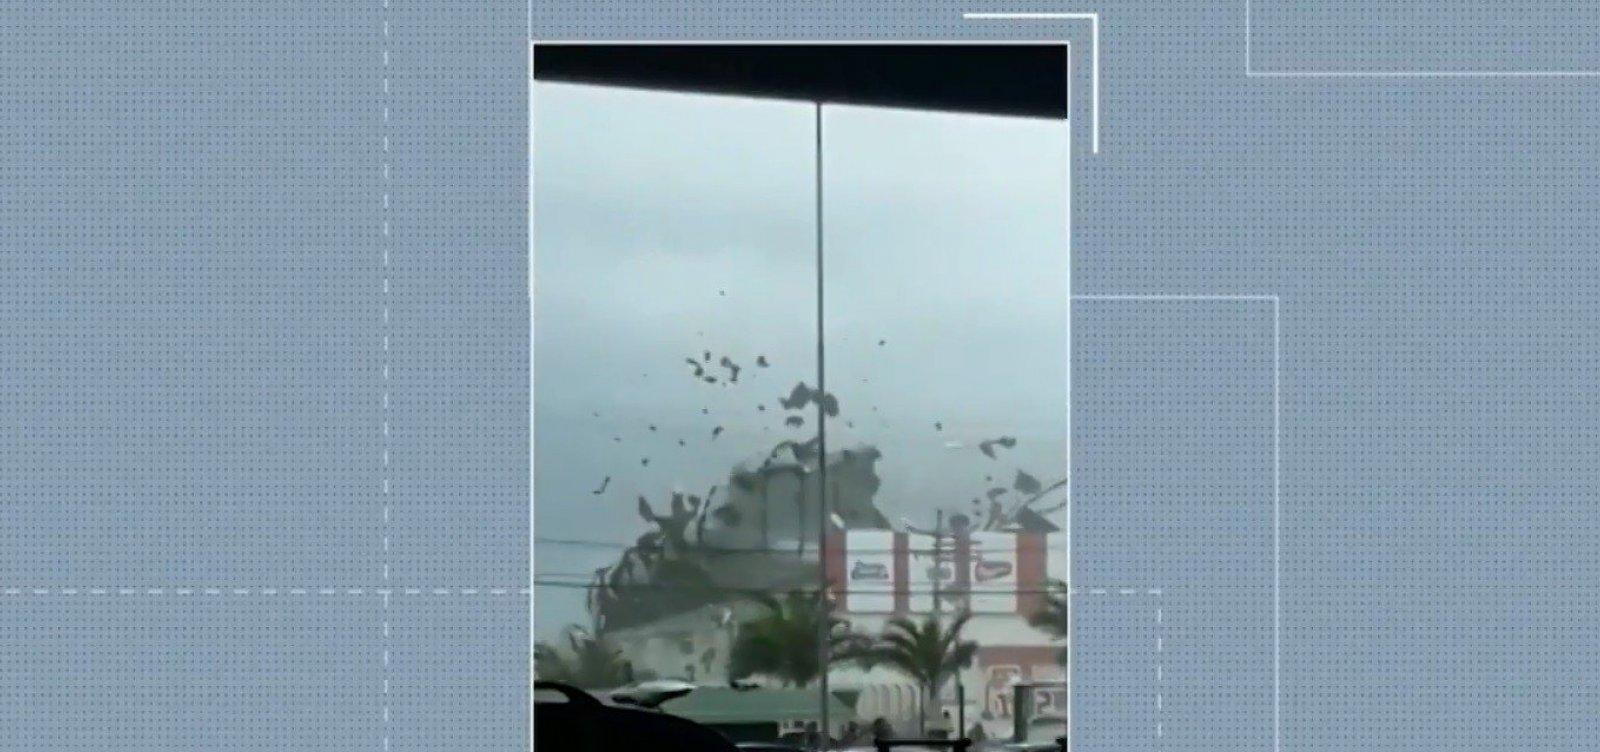 [Forte ventania derruba telhado de supermercado em Eunápolis neste sábado]